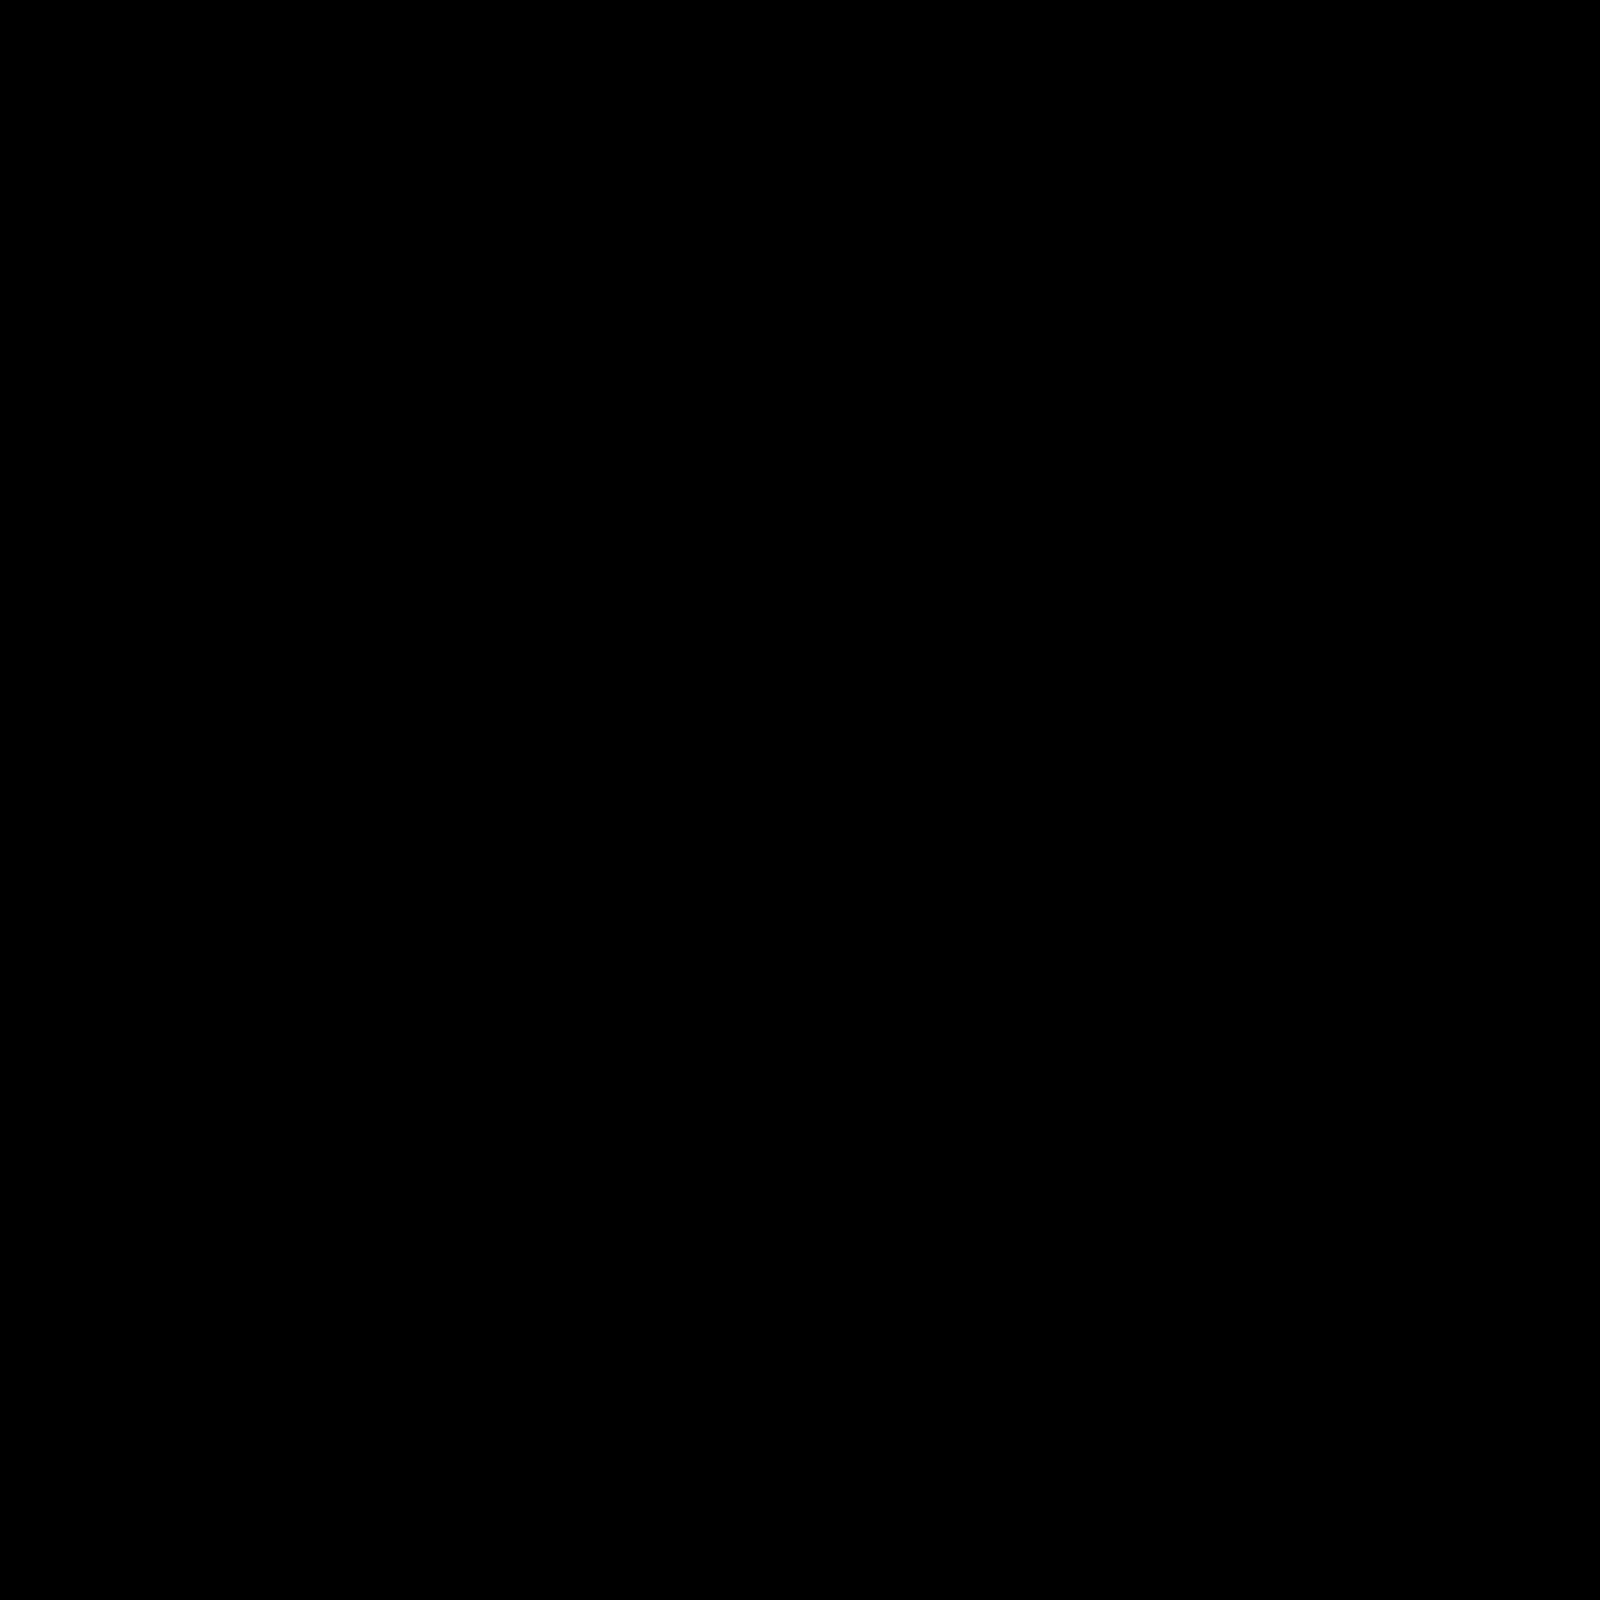 サンドボックス icon